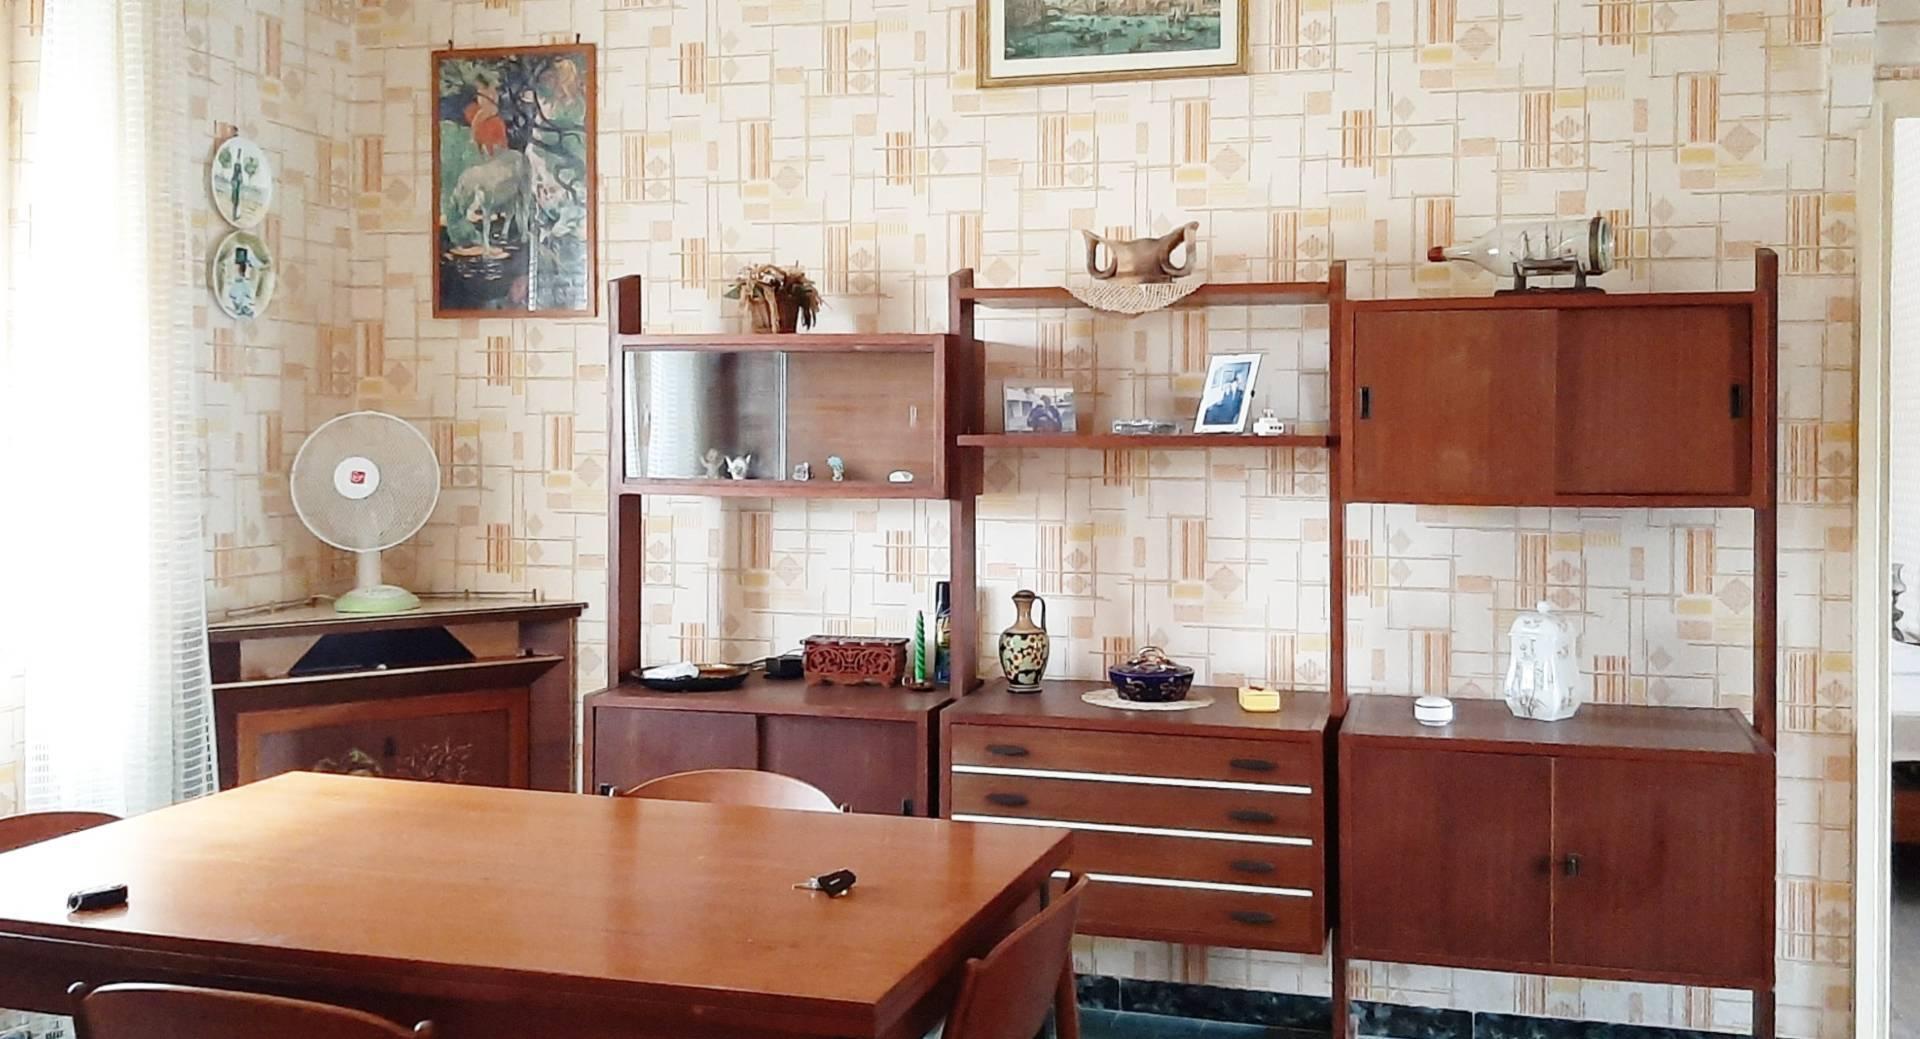 Villa in vendita a Tarquinia, 3 locali, zona Località: LidodiTarquinia, prezzo € 150.000 | CambioCasa.it